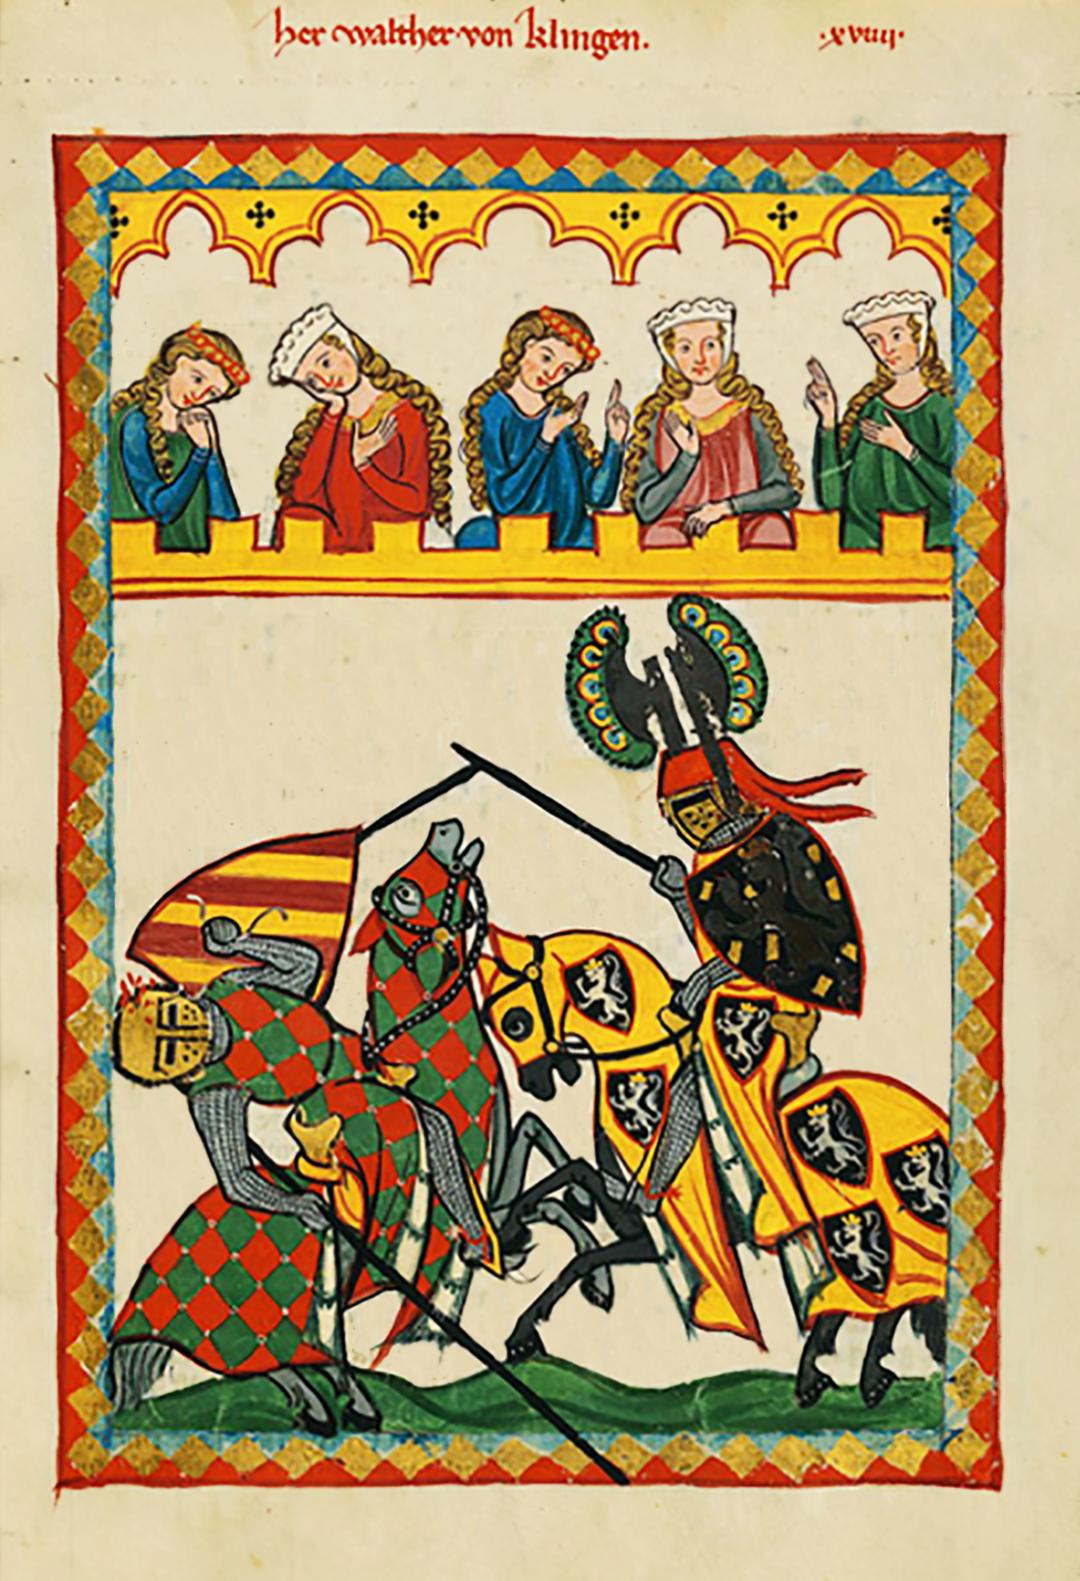 Turniej rycerski Turniej rycerski Źródło: Kodeks Manesse, około 1320 roku, miniatura, domena publiczna.